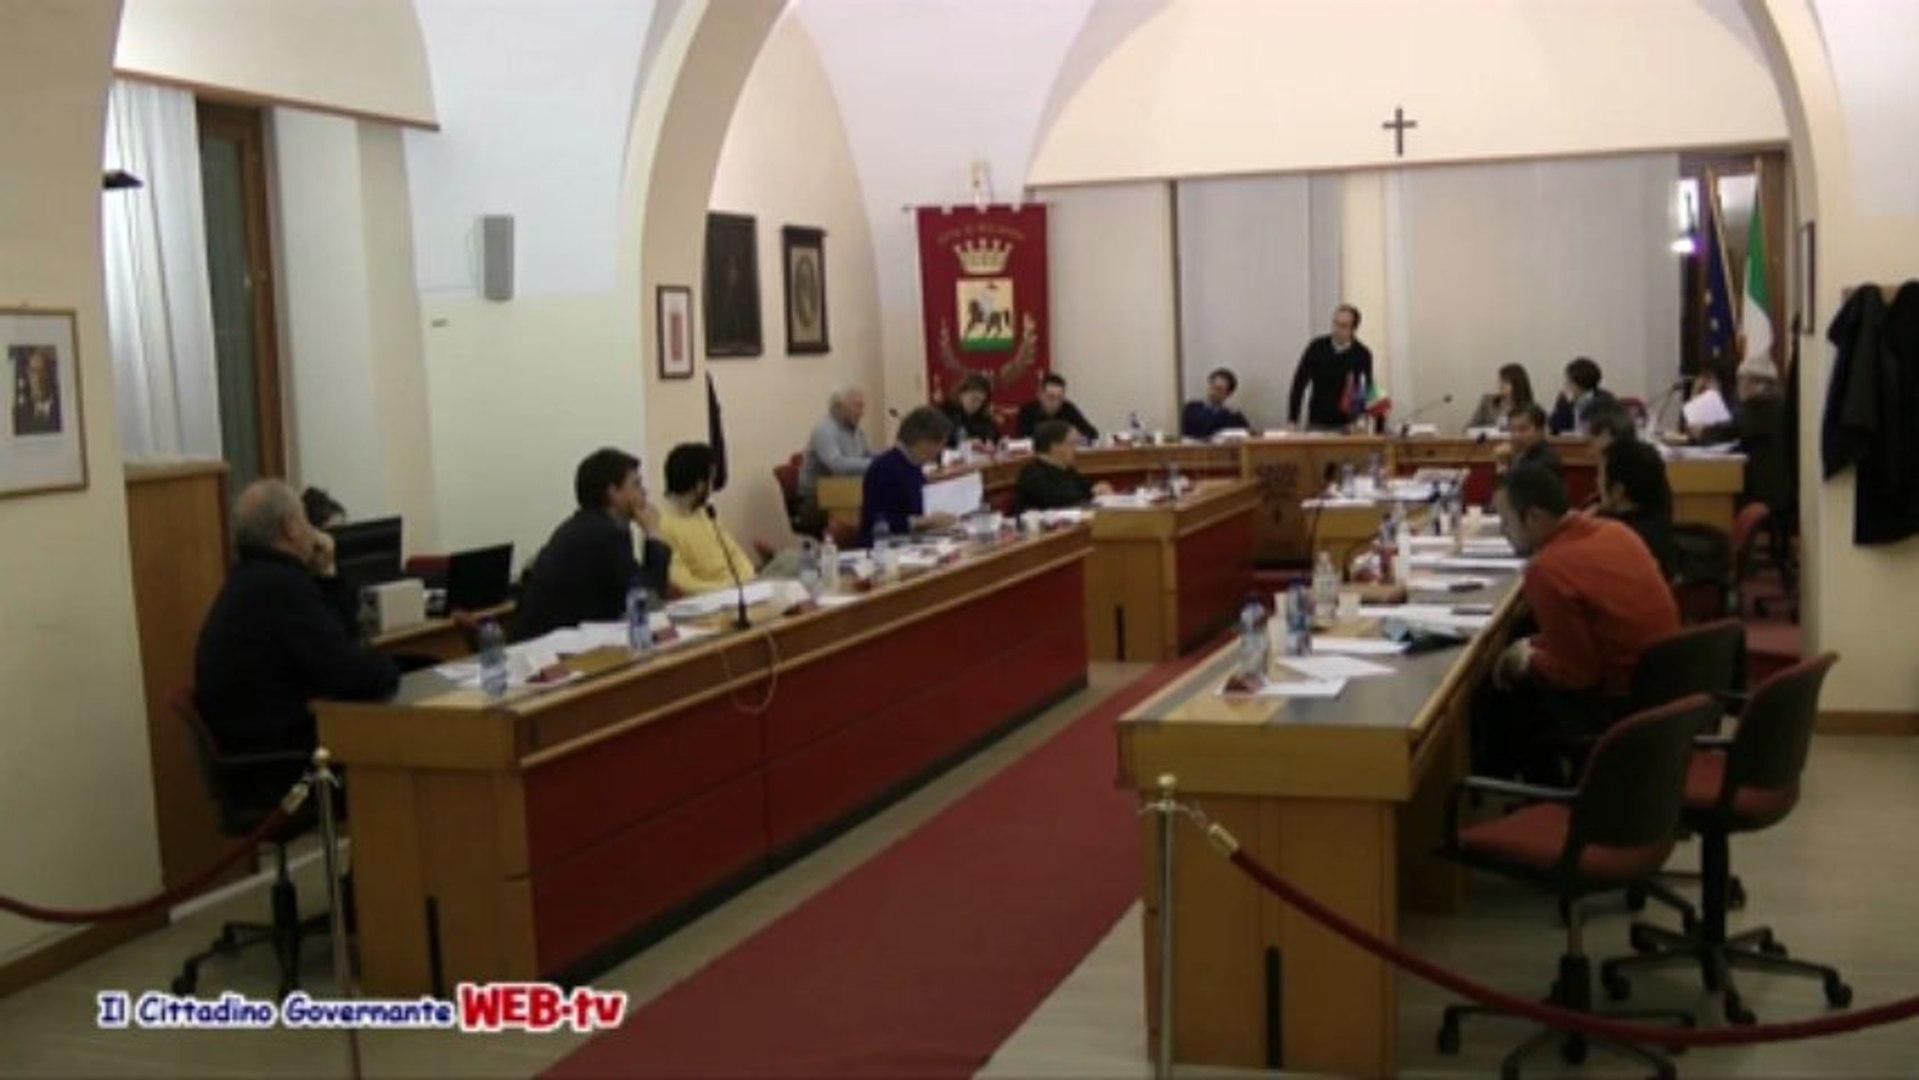 Consiglio comunale 11 marzo 2013 Punto 3 piano di recupero Hotel Cristallo intervento Di Carlo